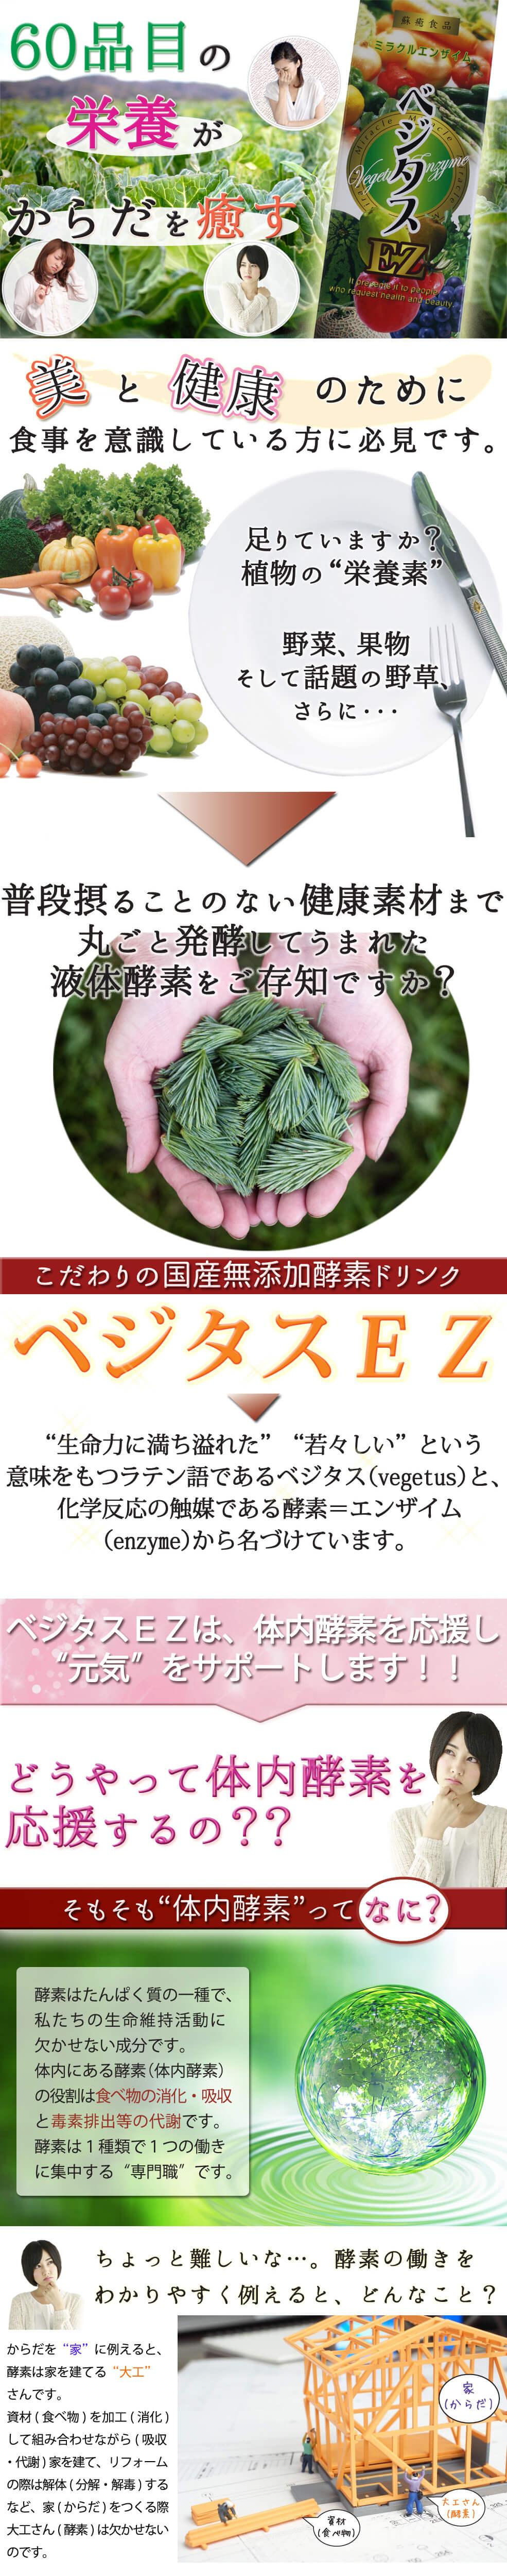 """足りていますか?植物の""""栄養素""""。野菜、果物そして話題の野草、さらに、普段摂ることのない健康素材まで丸ごと発酵してうまれた液体酵素をご存知ですか?それがこだわりの国産無添加酵素ドリンク「ベジタスEZ」。""""生命力に満ち溢れた""""""""若々しい""""という意味をもつラテン語であるベジタス(vegetus)と、化学反応の触媒である酵素=エンザイム(enzyme)から名づけています。体内酵素とは?体内酵素を応援し、健康をサポート、それがベジタスEZです。"""